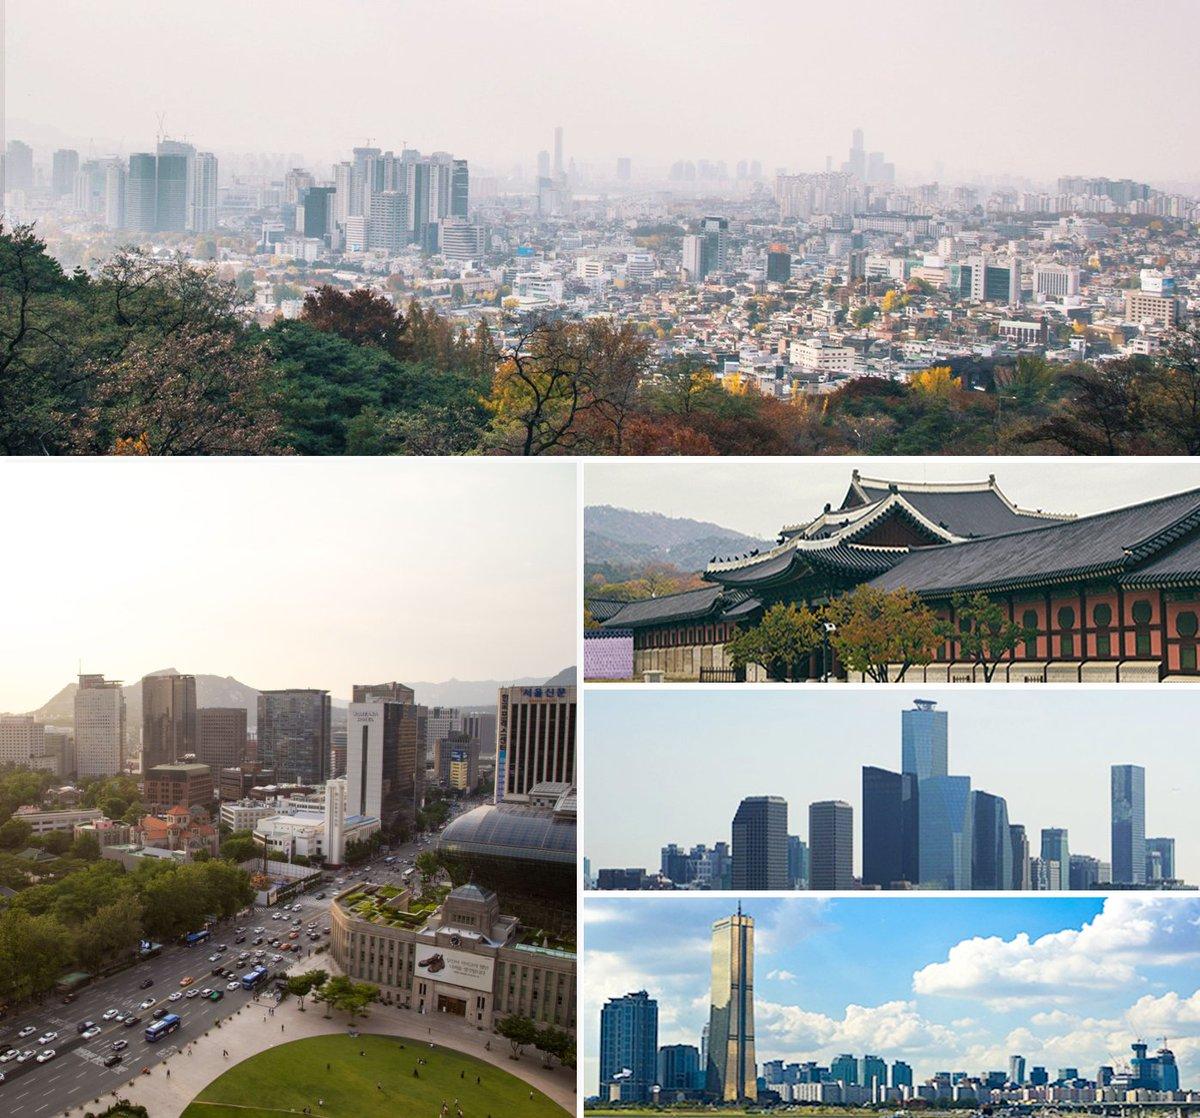 I miss my hometown  #Seoul #SouthKoreapic.twitter.com/wSP6dOfgKA